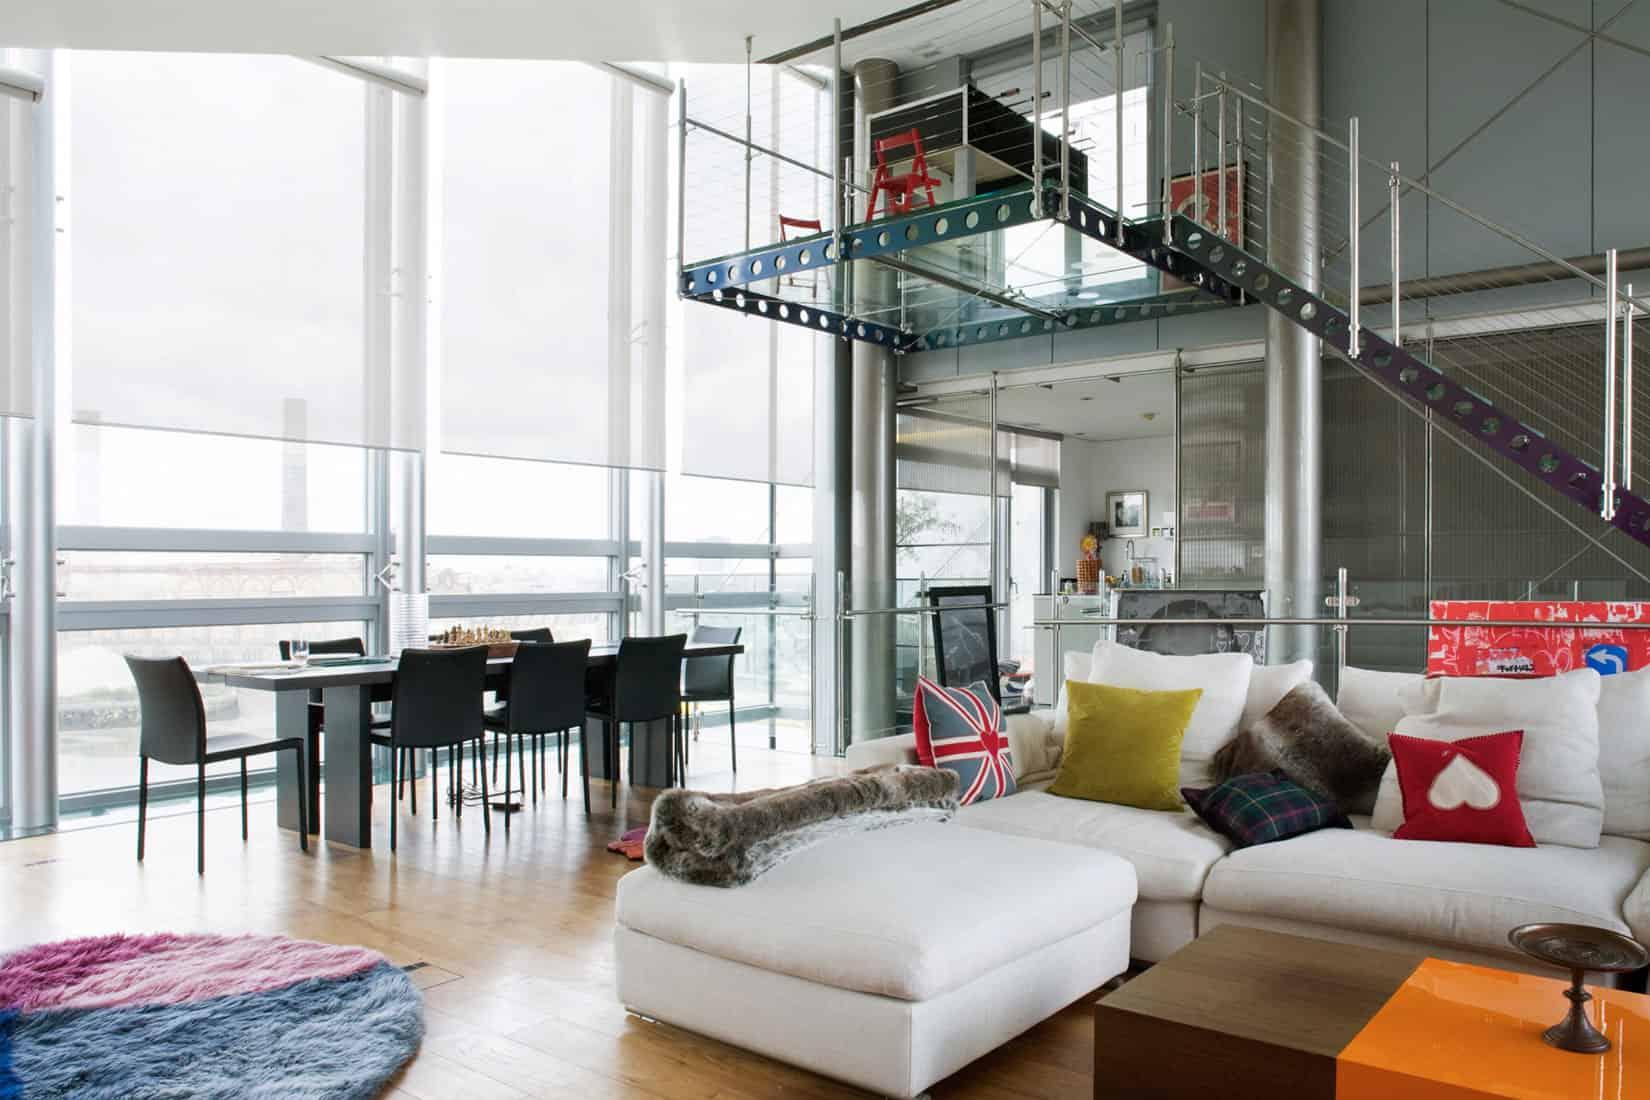 Modern penthouse with an unusual glass bathroom floor